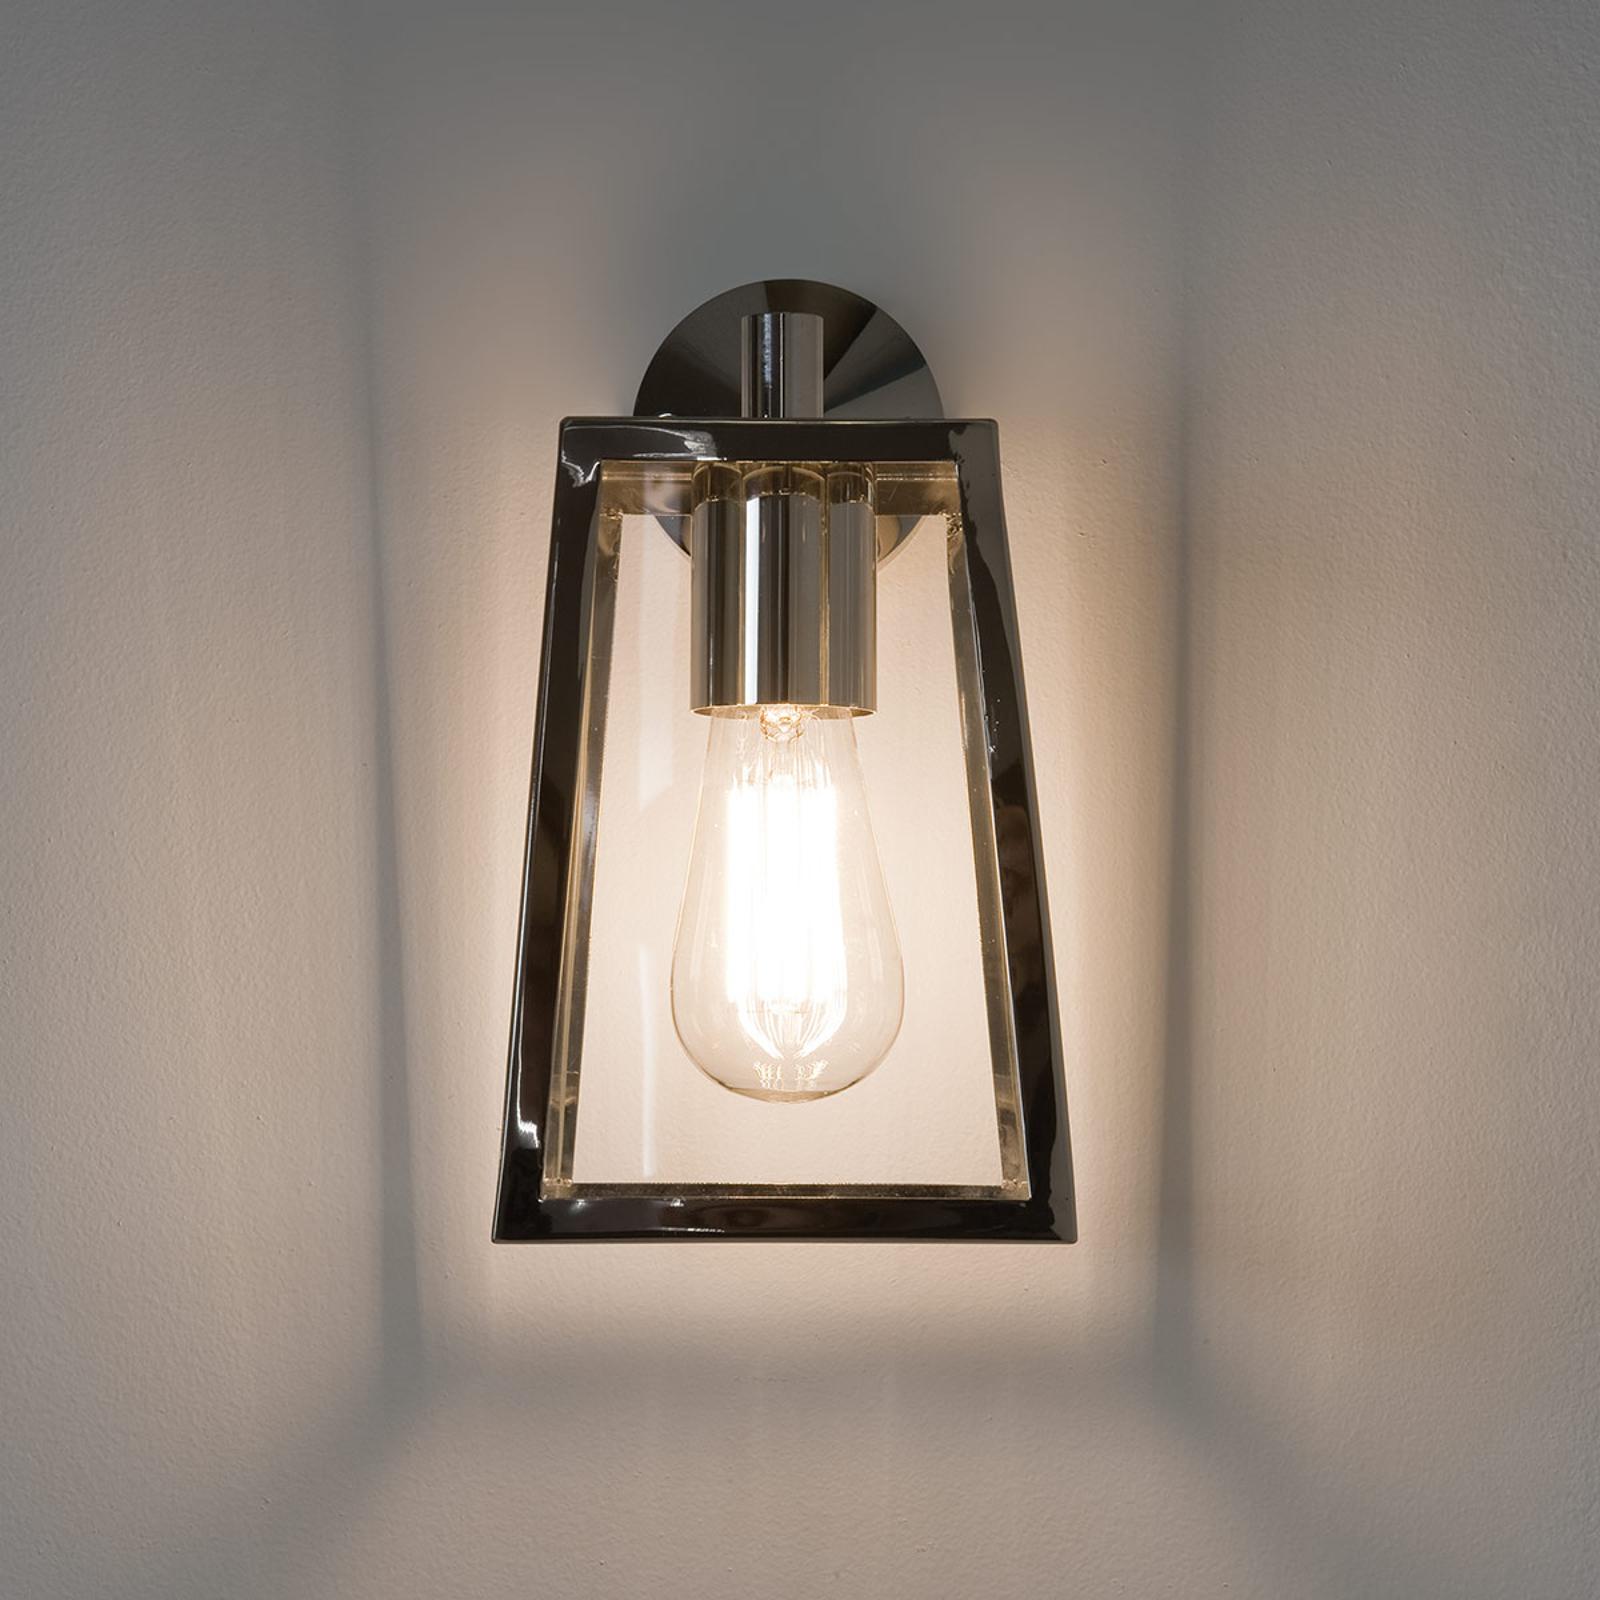 Applique d'extérieur Calvi en forme de lanterne